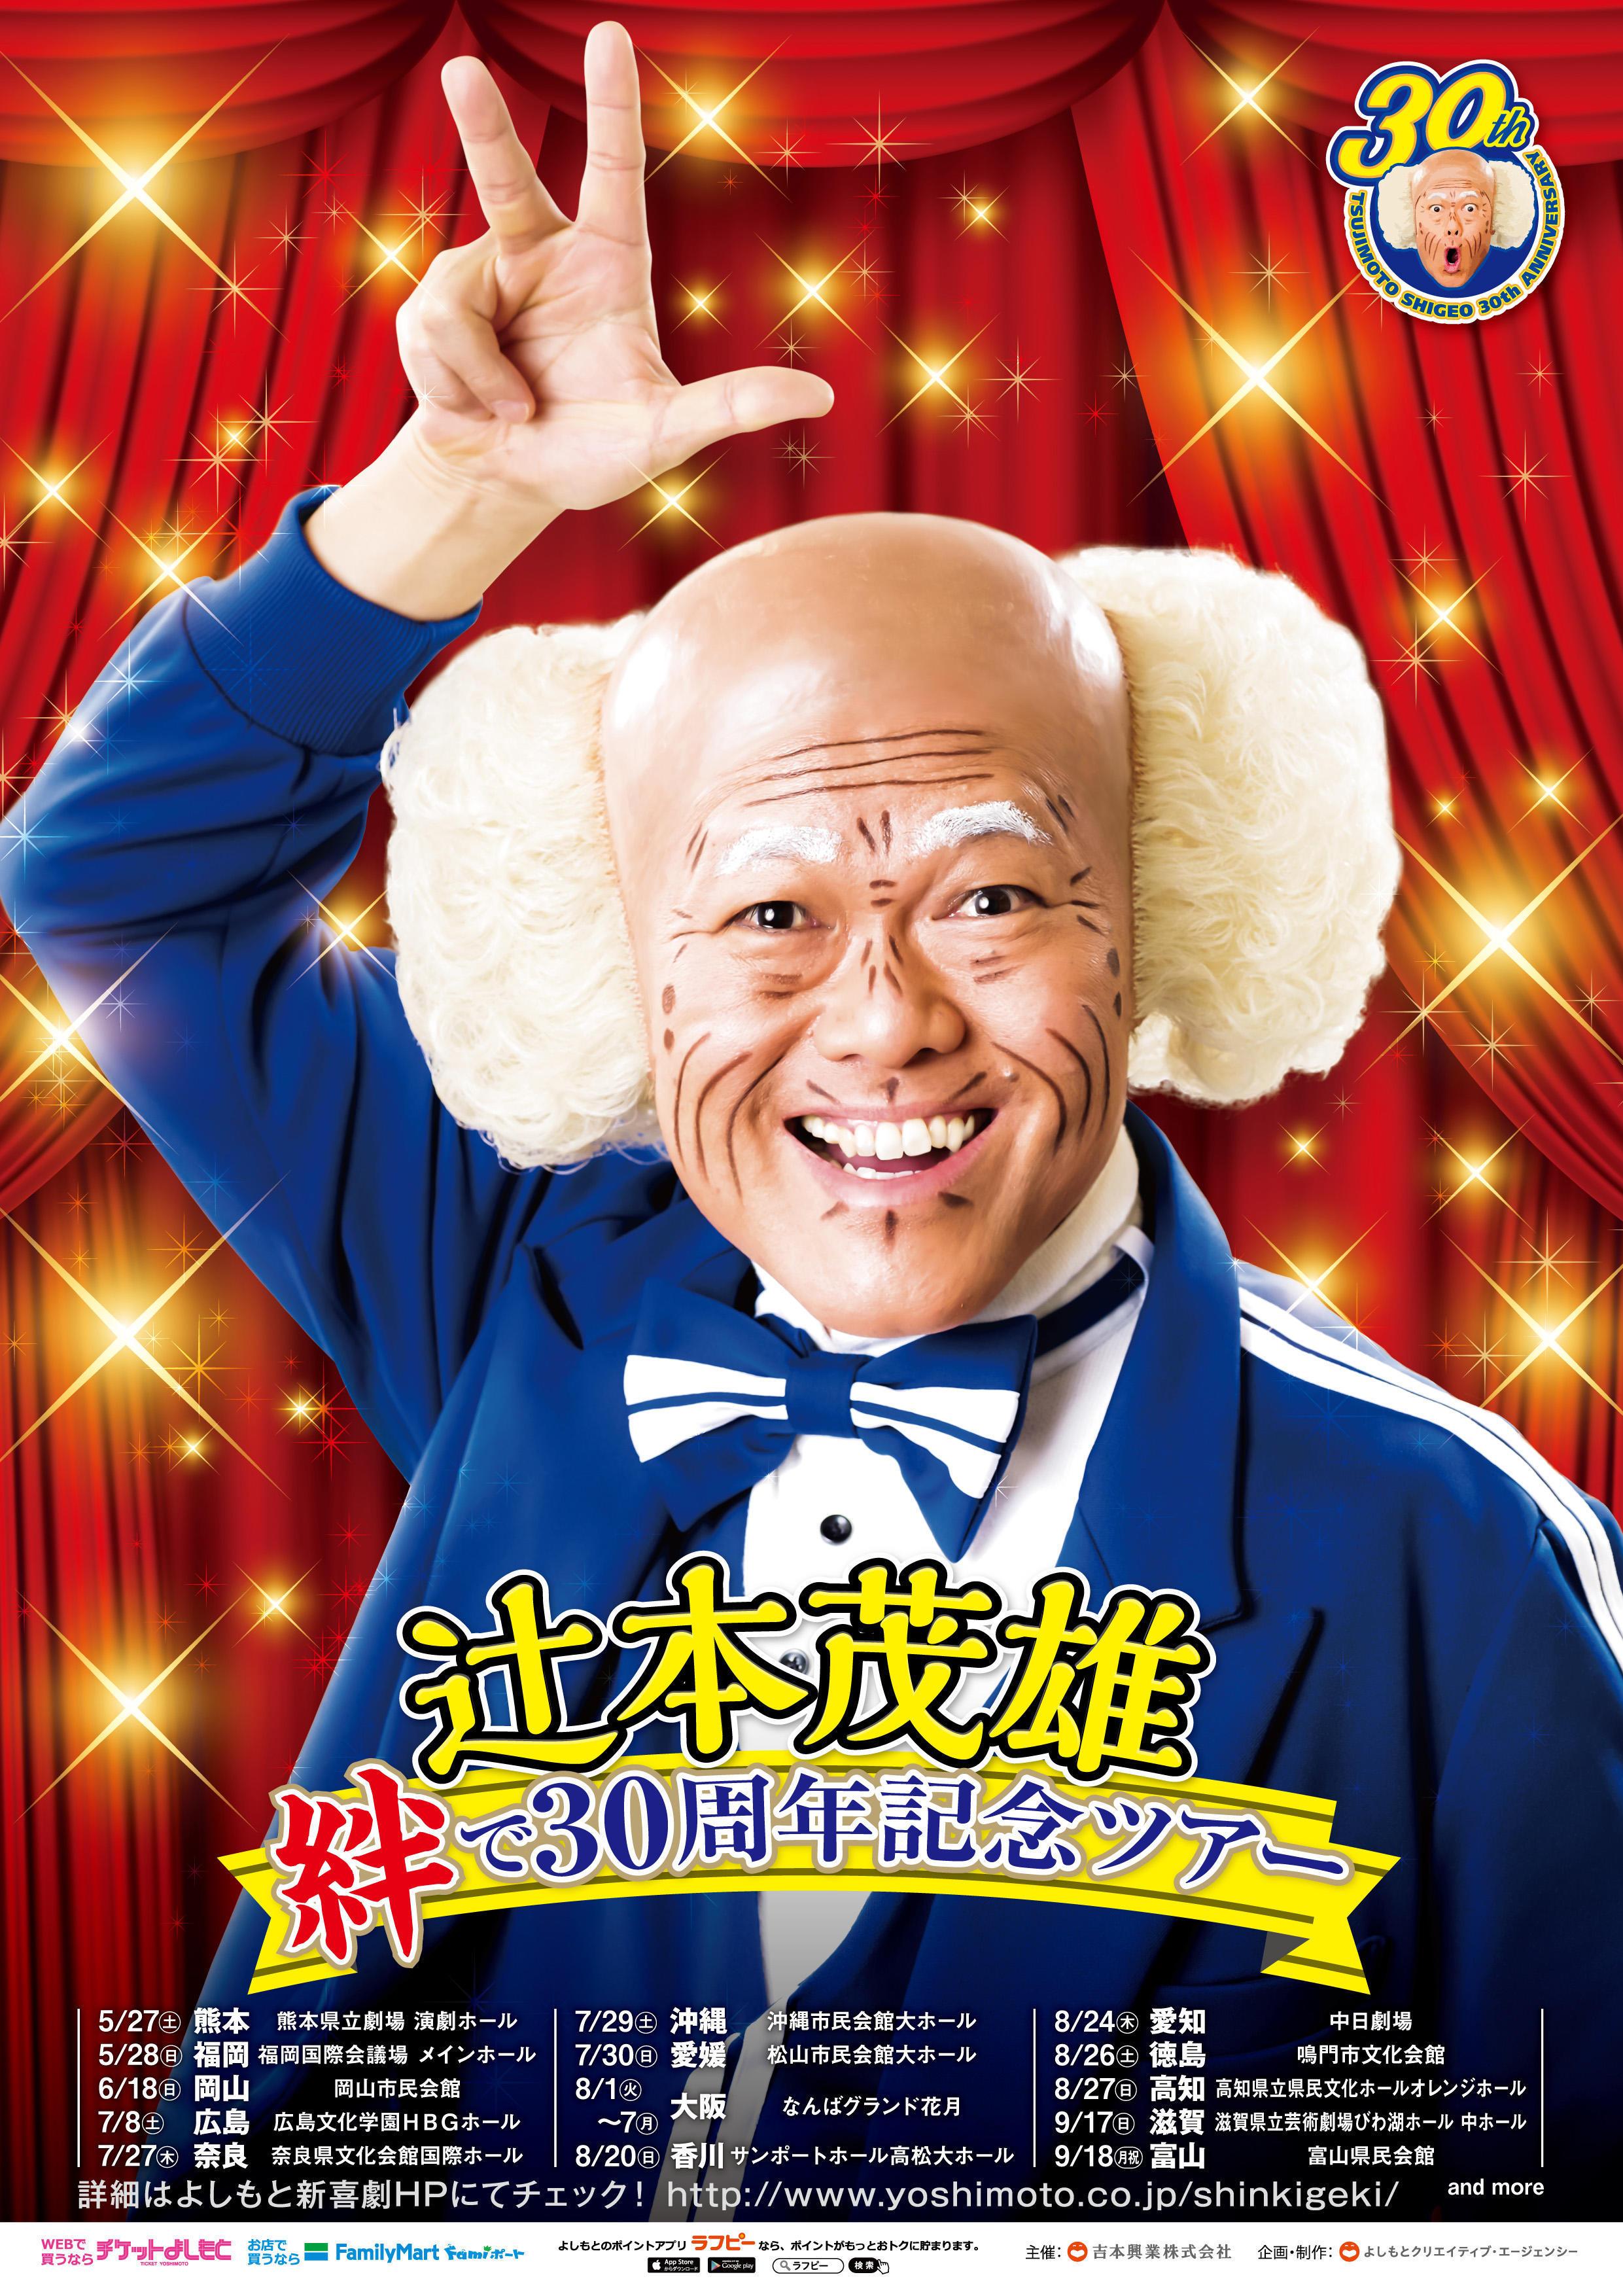 http://news.yoshimoto.co.jp/20170131182416-5a67b50f64b4eac9101a24f7b03904789e5db08f.jpg